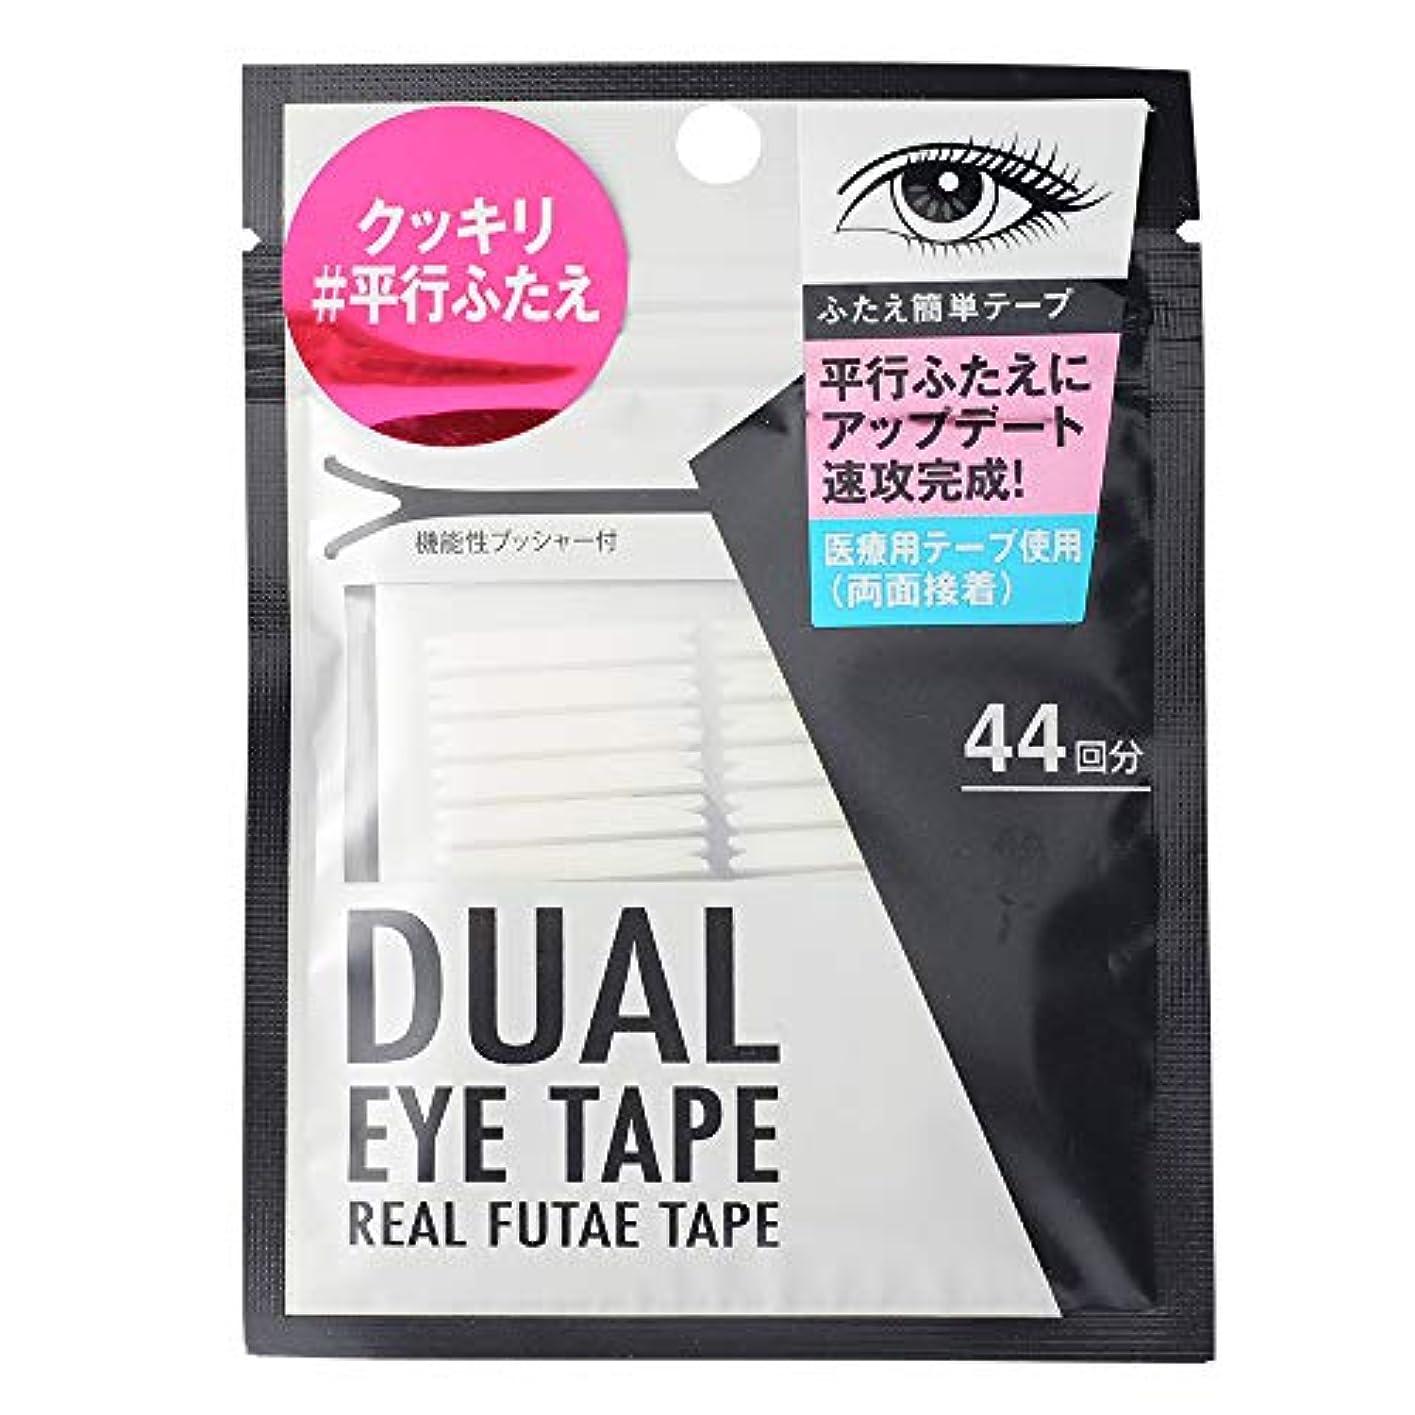 通知変な病者デュアルアイテープ (平行ふたえ両面接着テープ) (44回分)